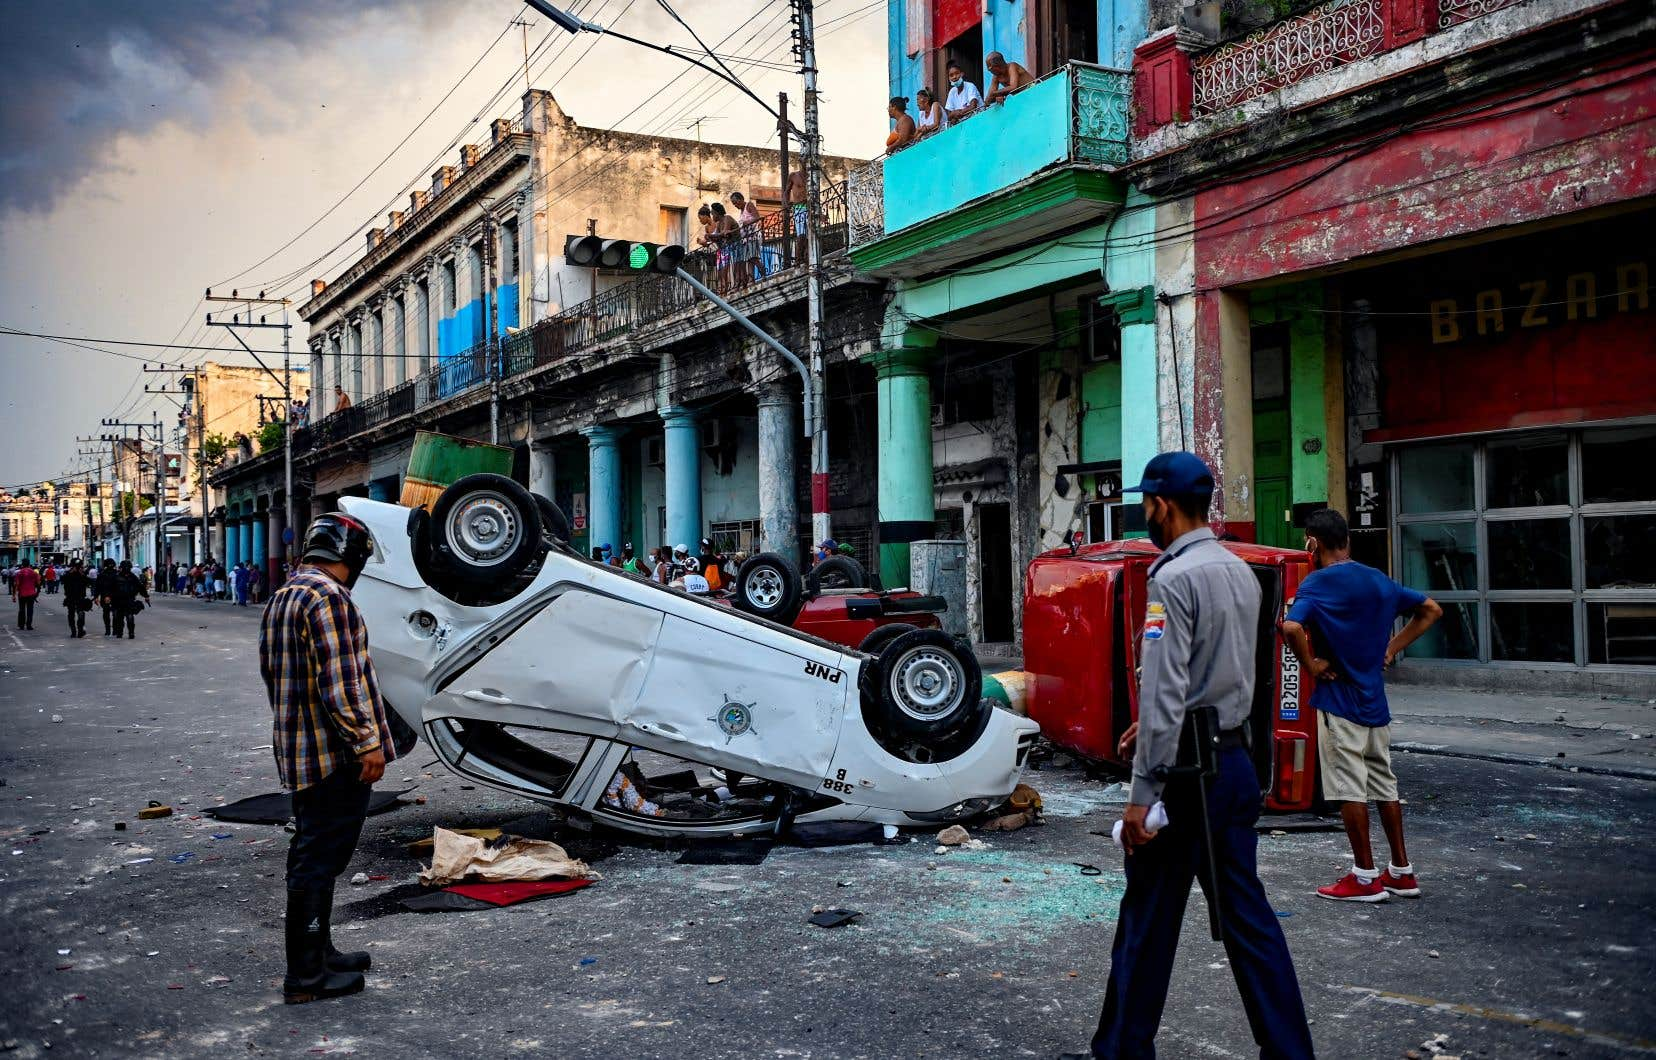 Les rues de LaHavane étaient encore sous forte présence policière et militaire lundi, ont constaté des journalistes de l'AFP, mais le calme était revenu après les échauffourées de la veille qui ont conduit à plusieurs dizaines d'arrestations.